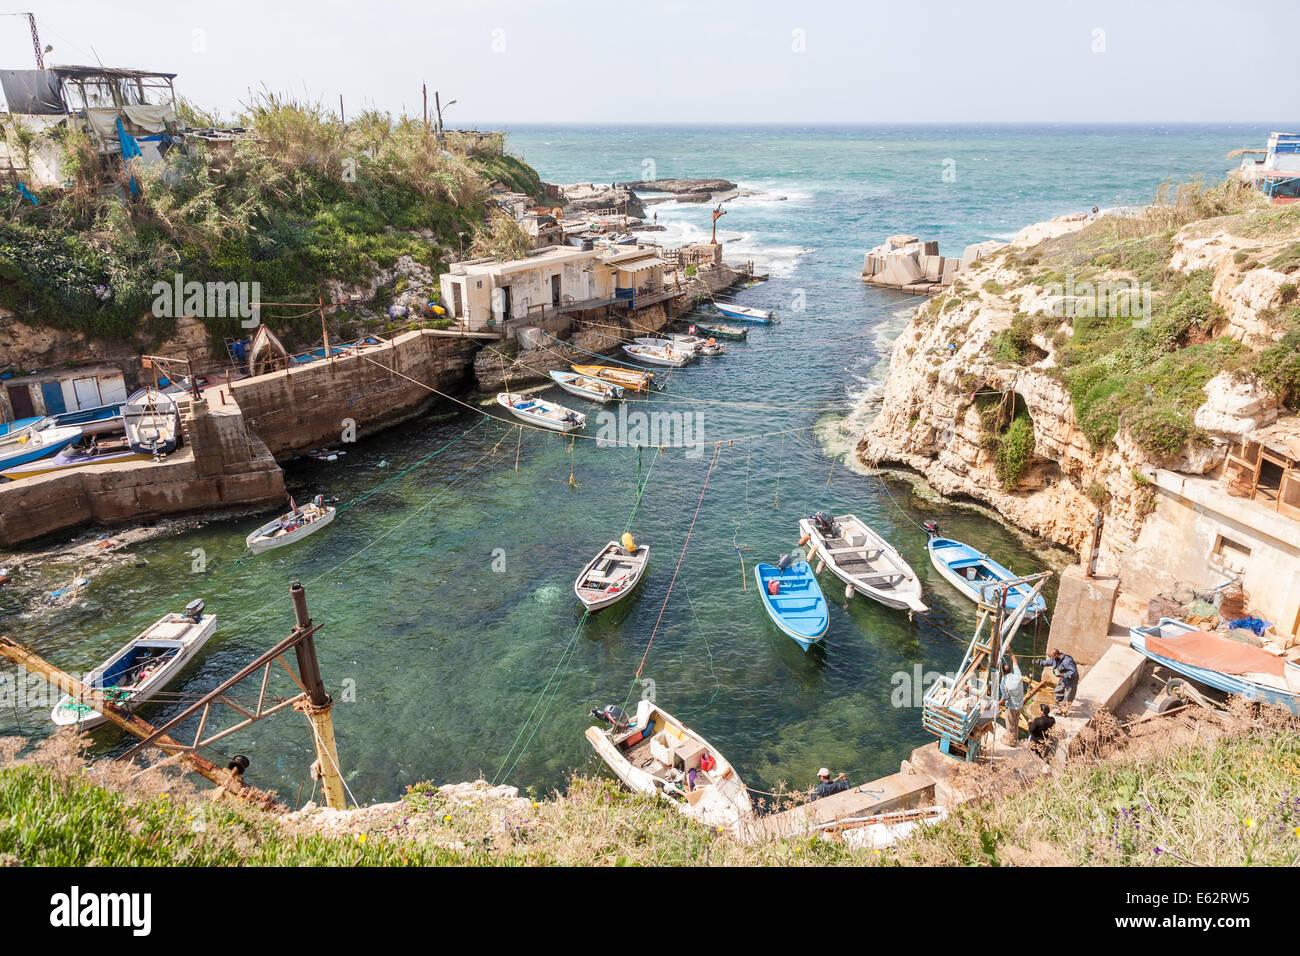 Un petit village de pêche et le port de la communauté sur la côte méditerranéenne, avec des bateaux amarrés à l'extérieur Banque D'Images